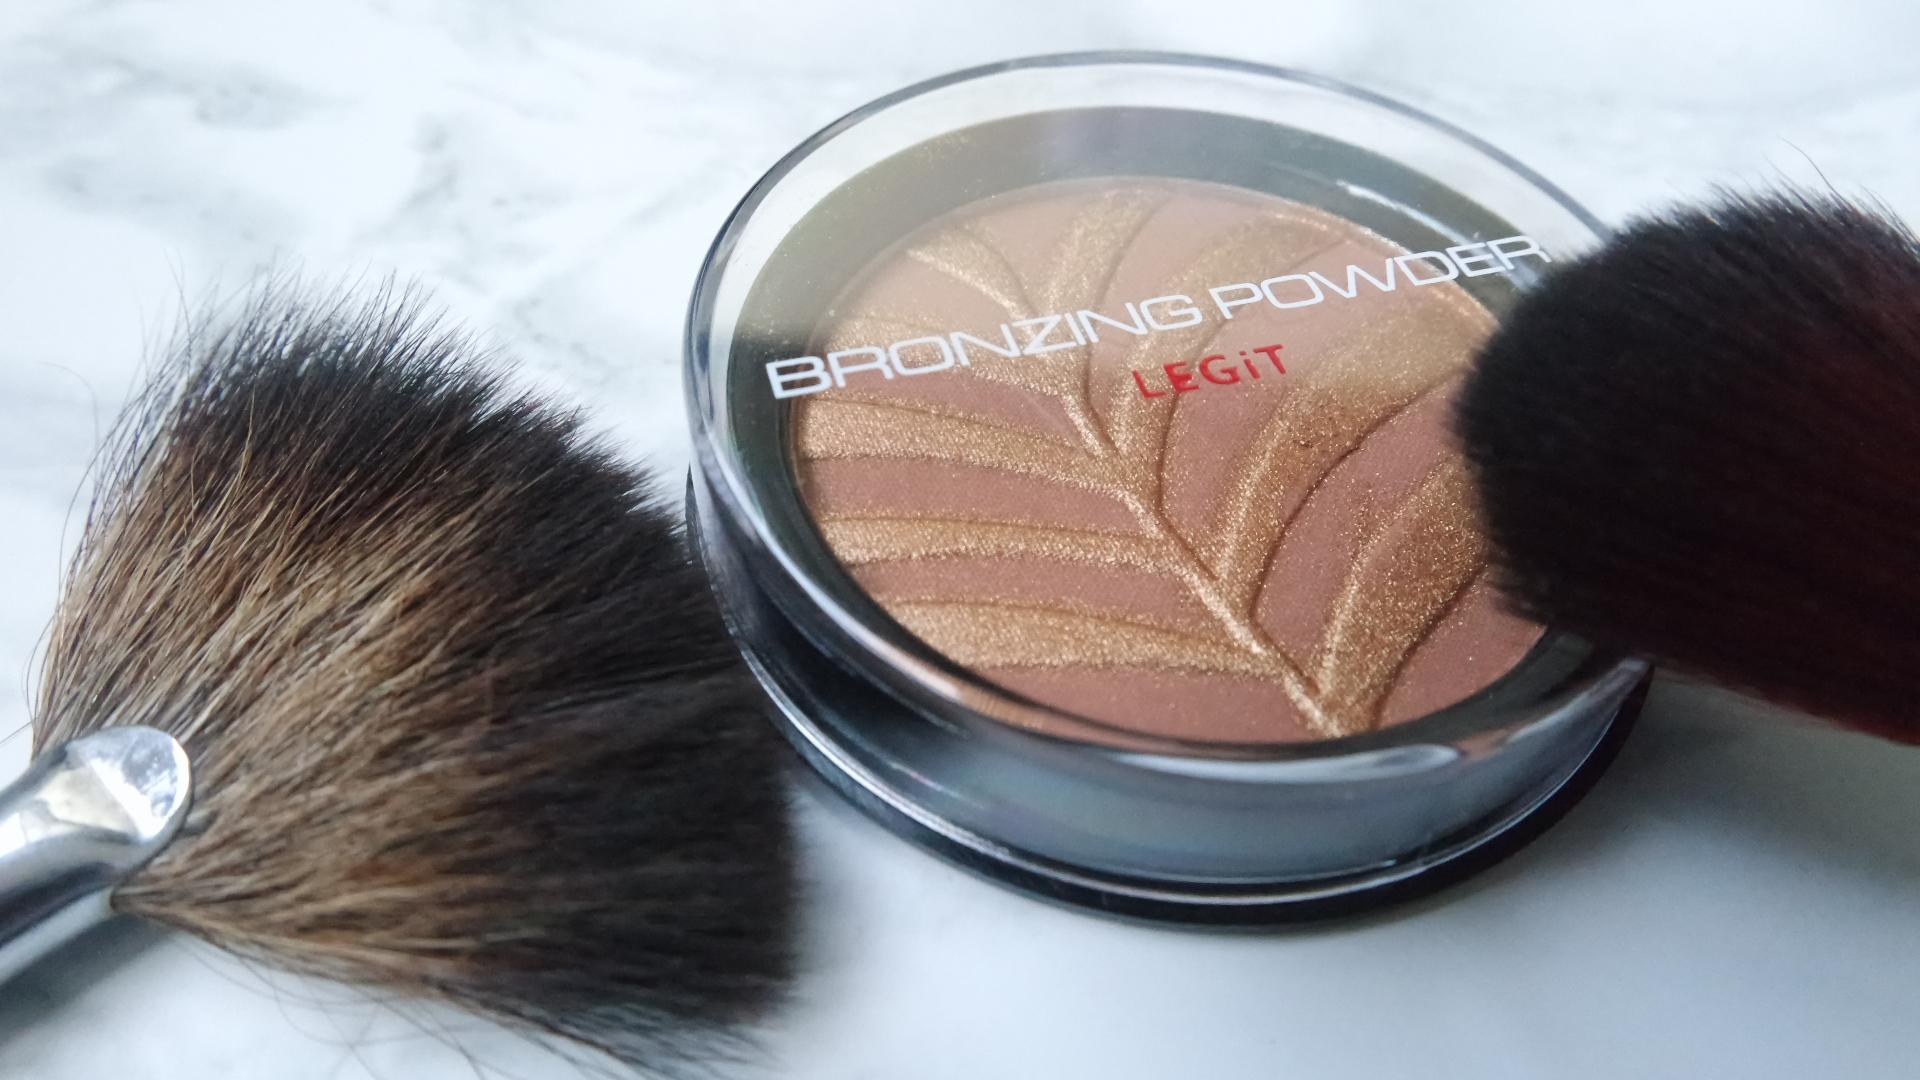 Legit bronzing powder